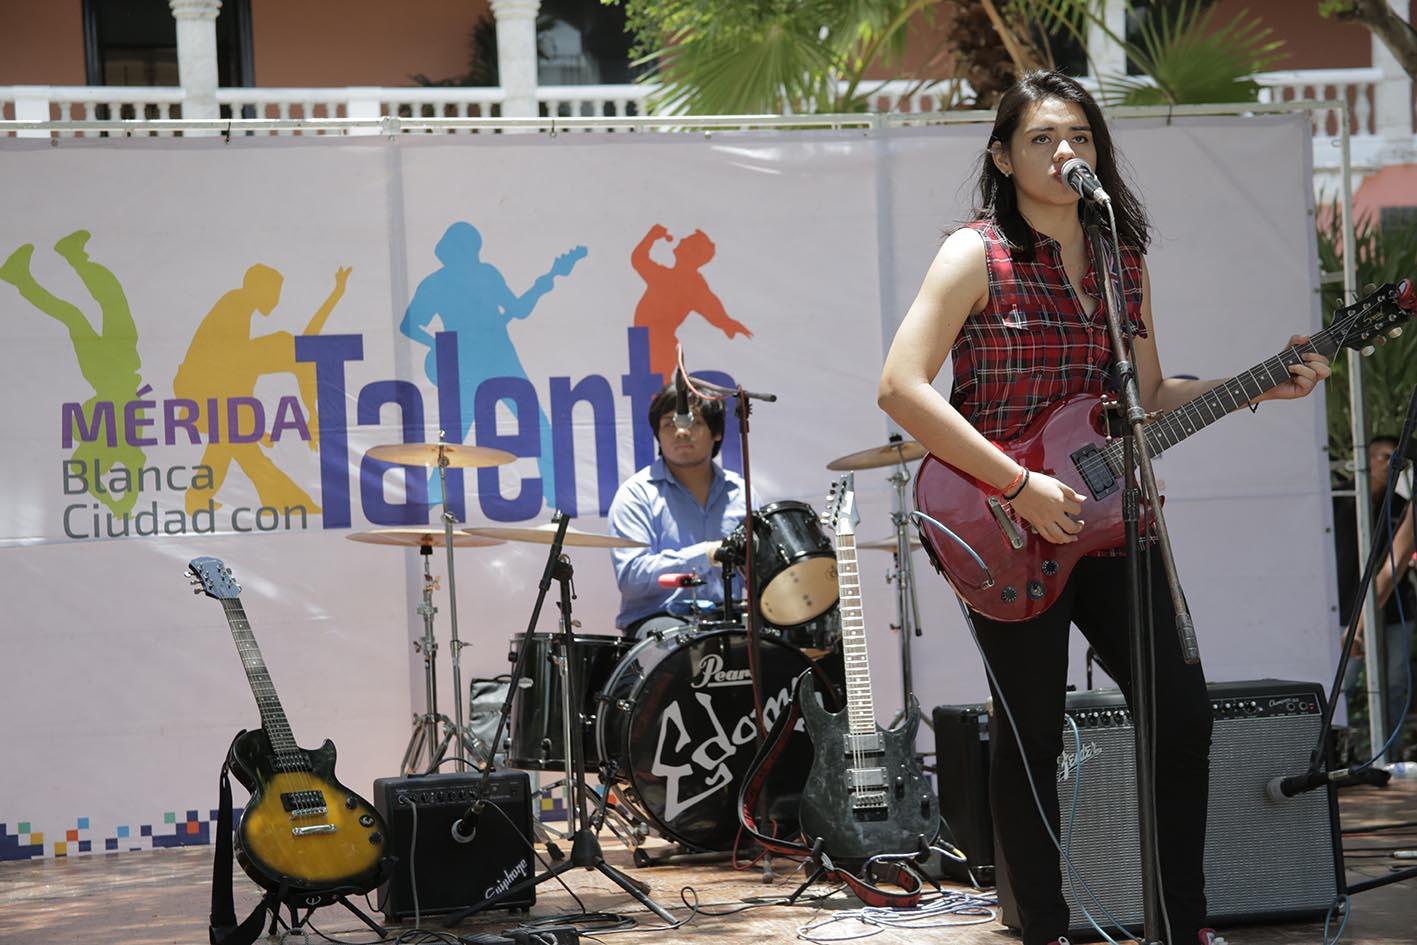 Derrochan talento artístico en Plaza Grande